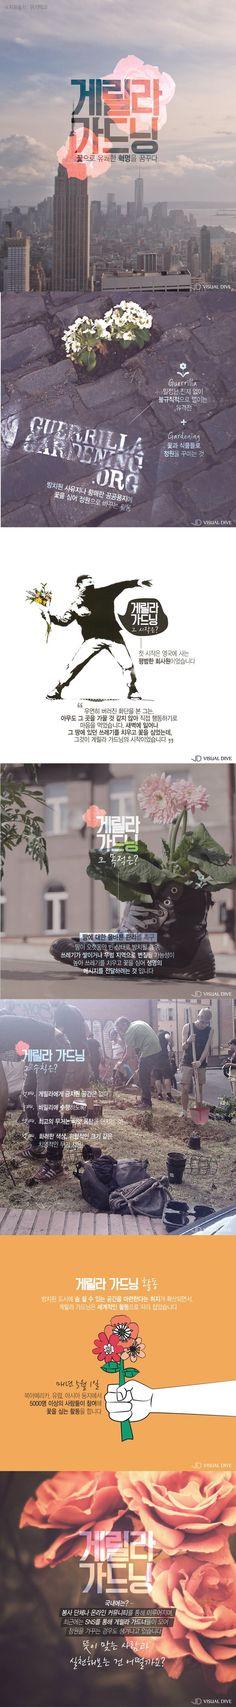 꽃으로 하는 유쾌한 혁명 '게릴라 가드닝' [카드뉴스] #Gardening / #Cardnews ⓒ 비주얼다이브 무단 복사·전재·재배포 금지